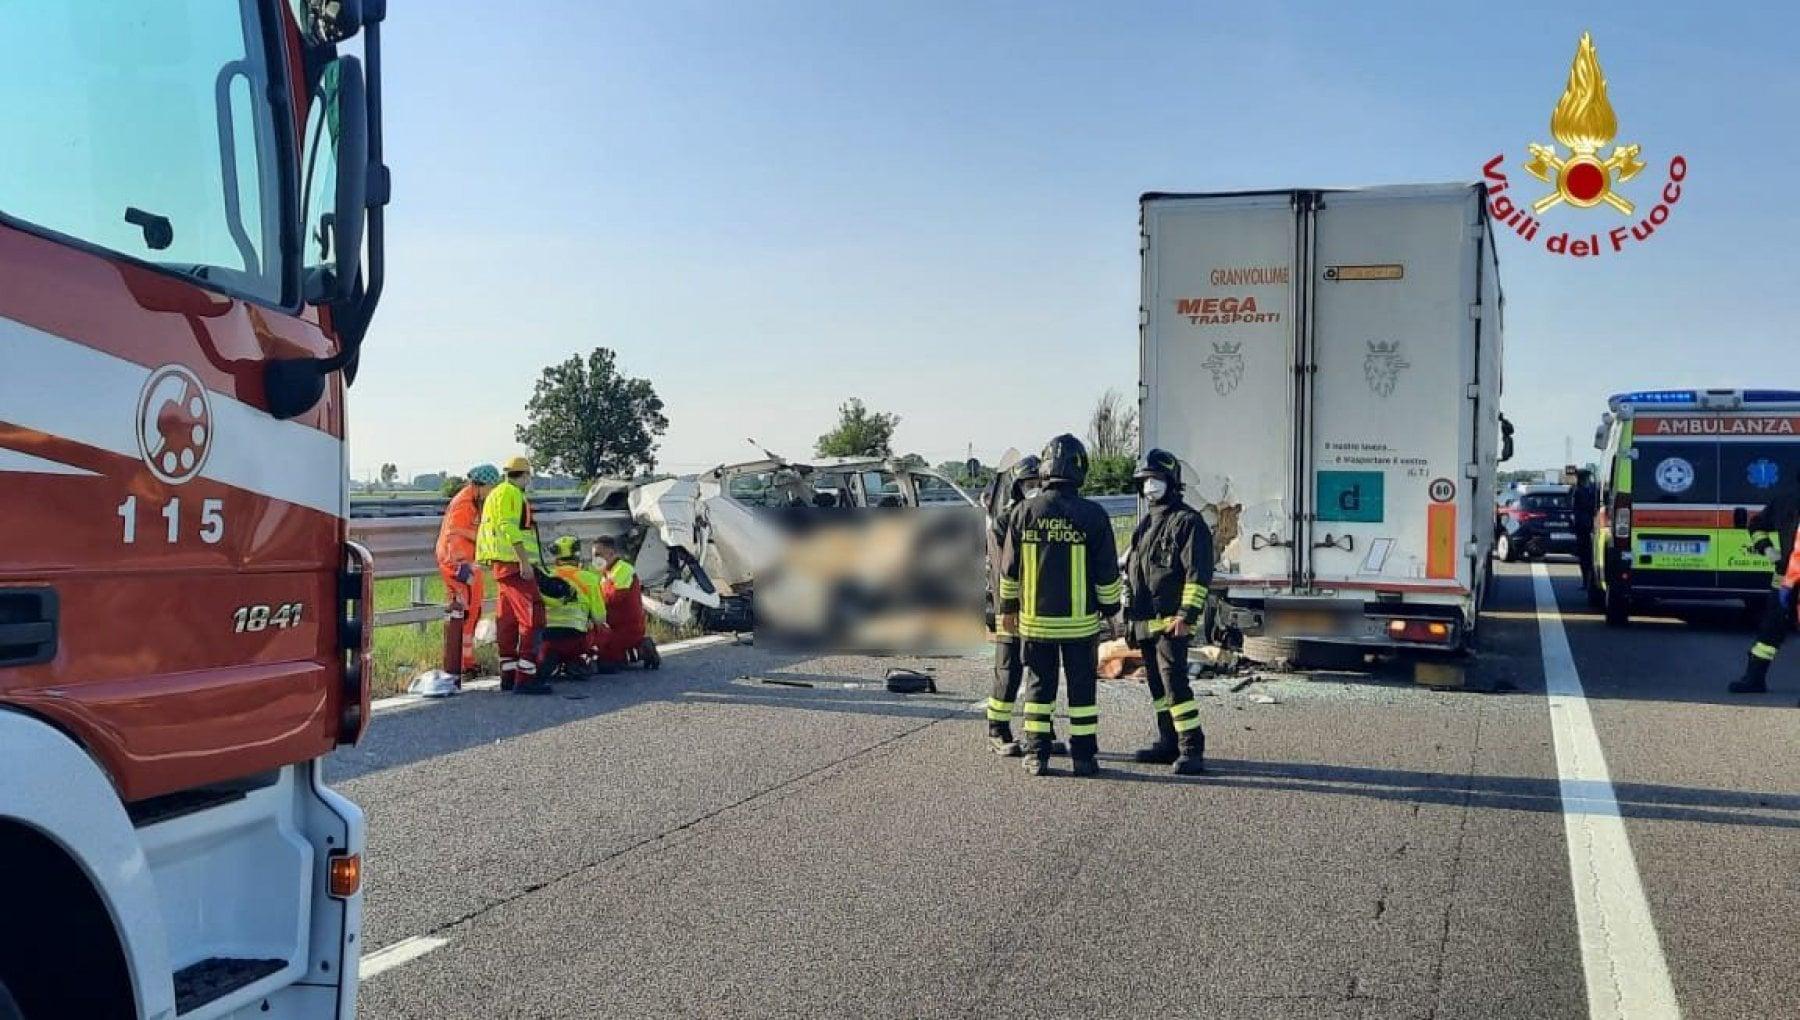 194606231 eb16f885 30fe 4705 ad33 d6e0898b24ef - Piacenza, incidente in A21: cinque morti nello scontro tra un furgone e un tir